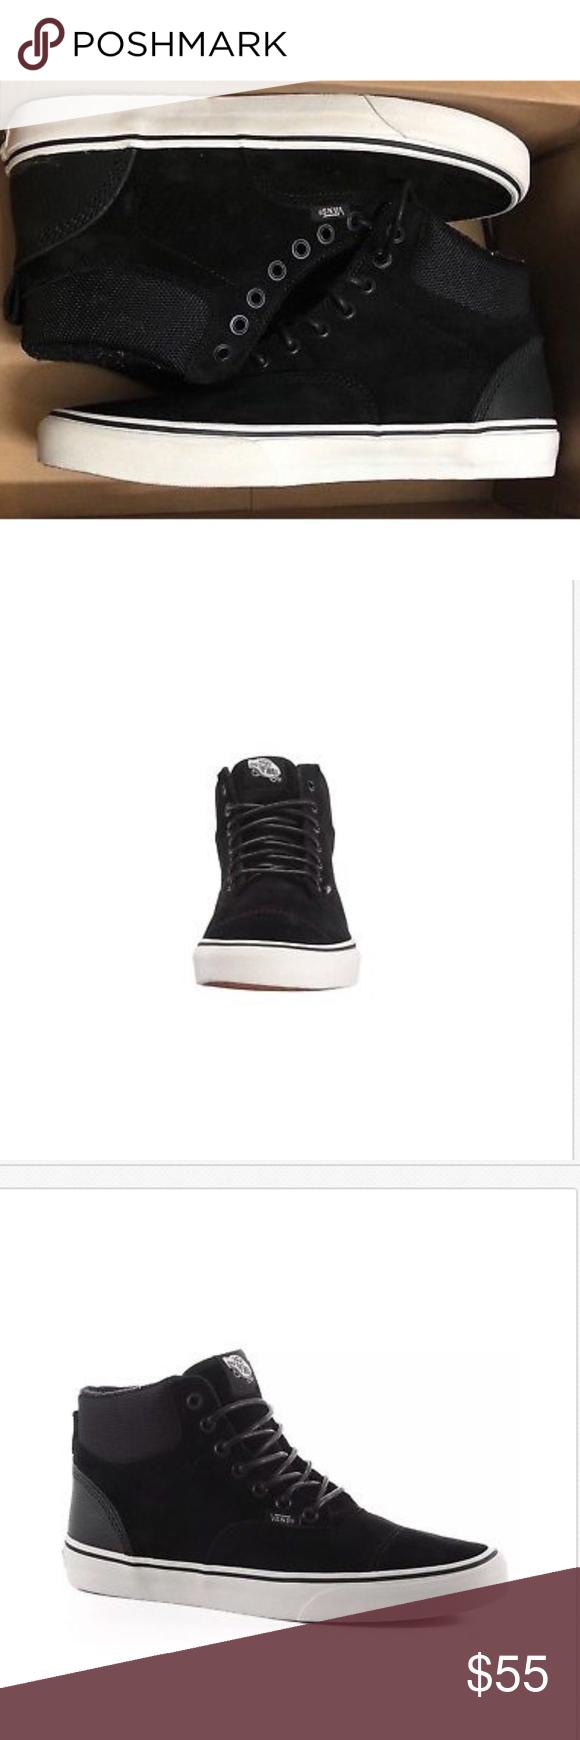 a669affea0a530 Vans Era Hi Pig Suede Nylon Black Blanc De Blanc Vans Era Hi Pig Suede  Nylon Black Blanc De Blanc Mens Size 11 Brand new in box Vans Shoes  Athletic Shoes